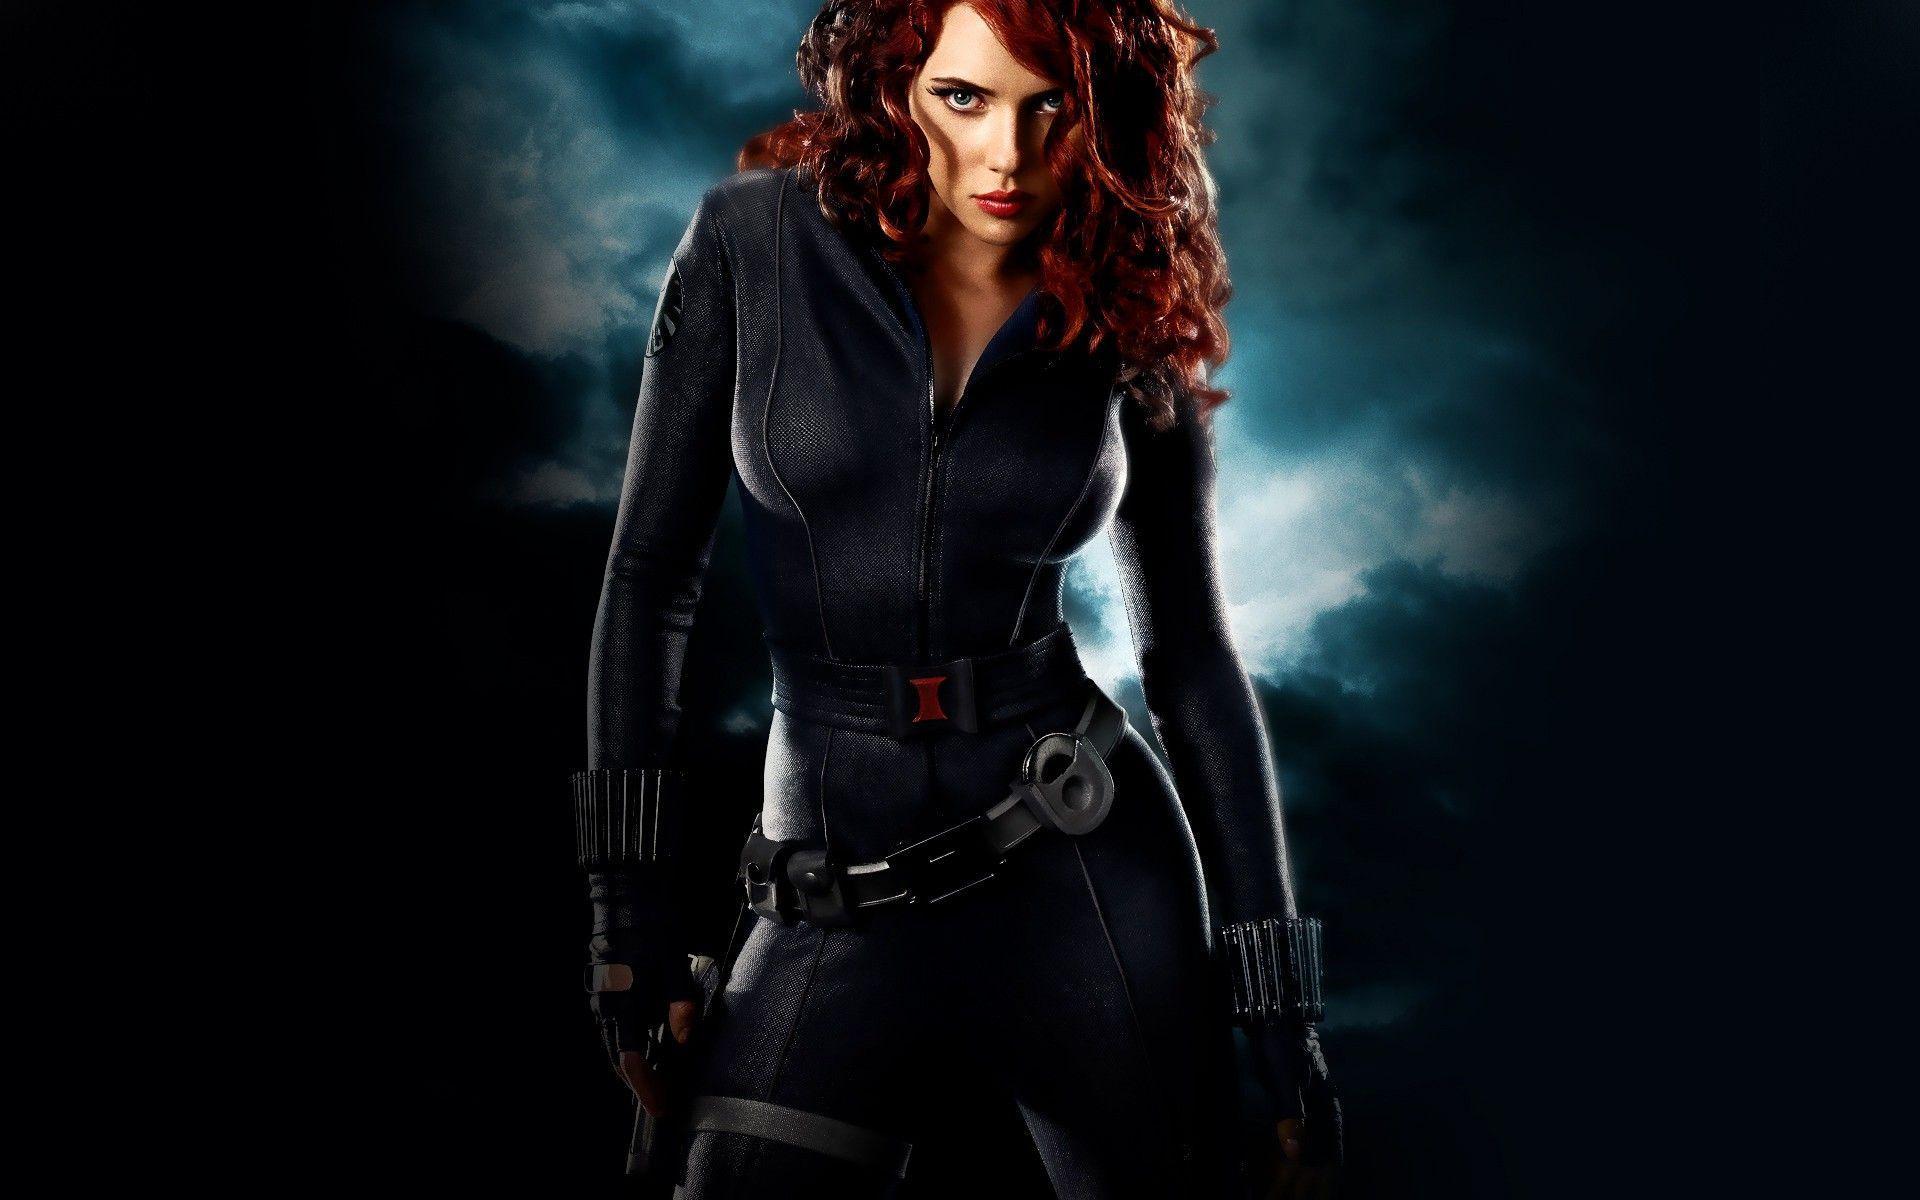 Scarlett Johansson Black Widow Wallpapers 1920x1200